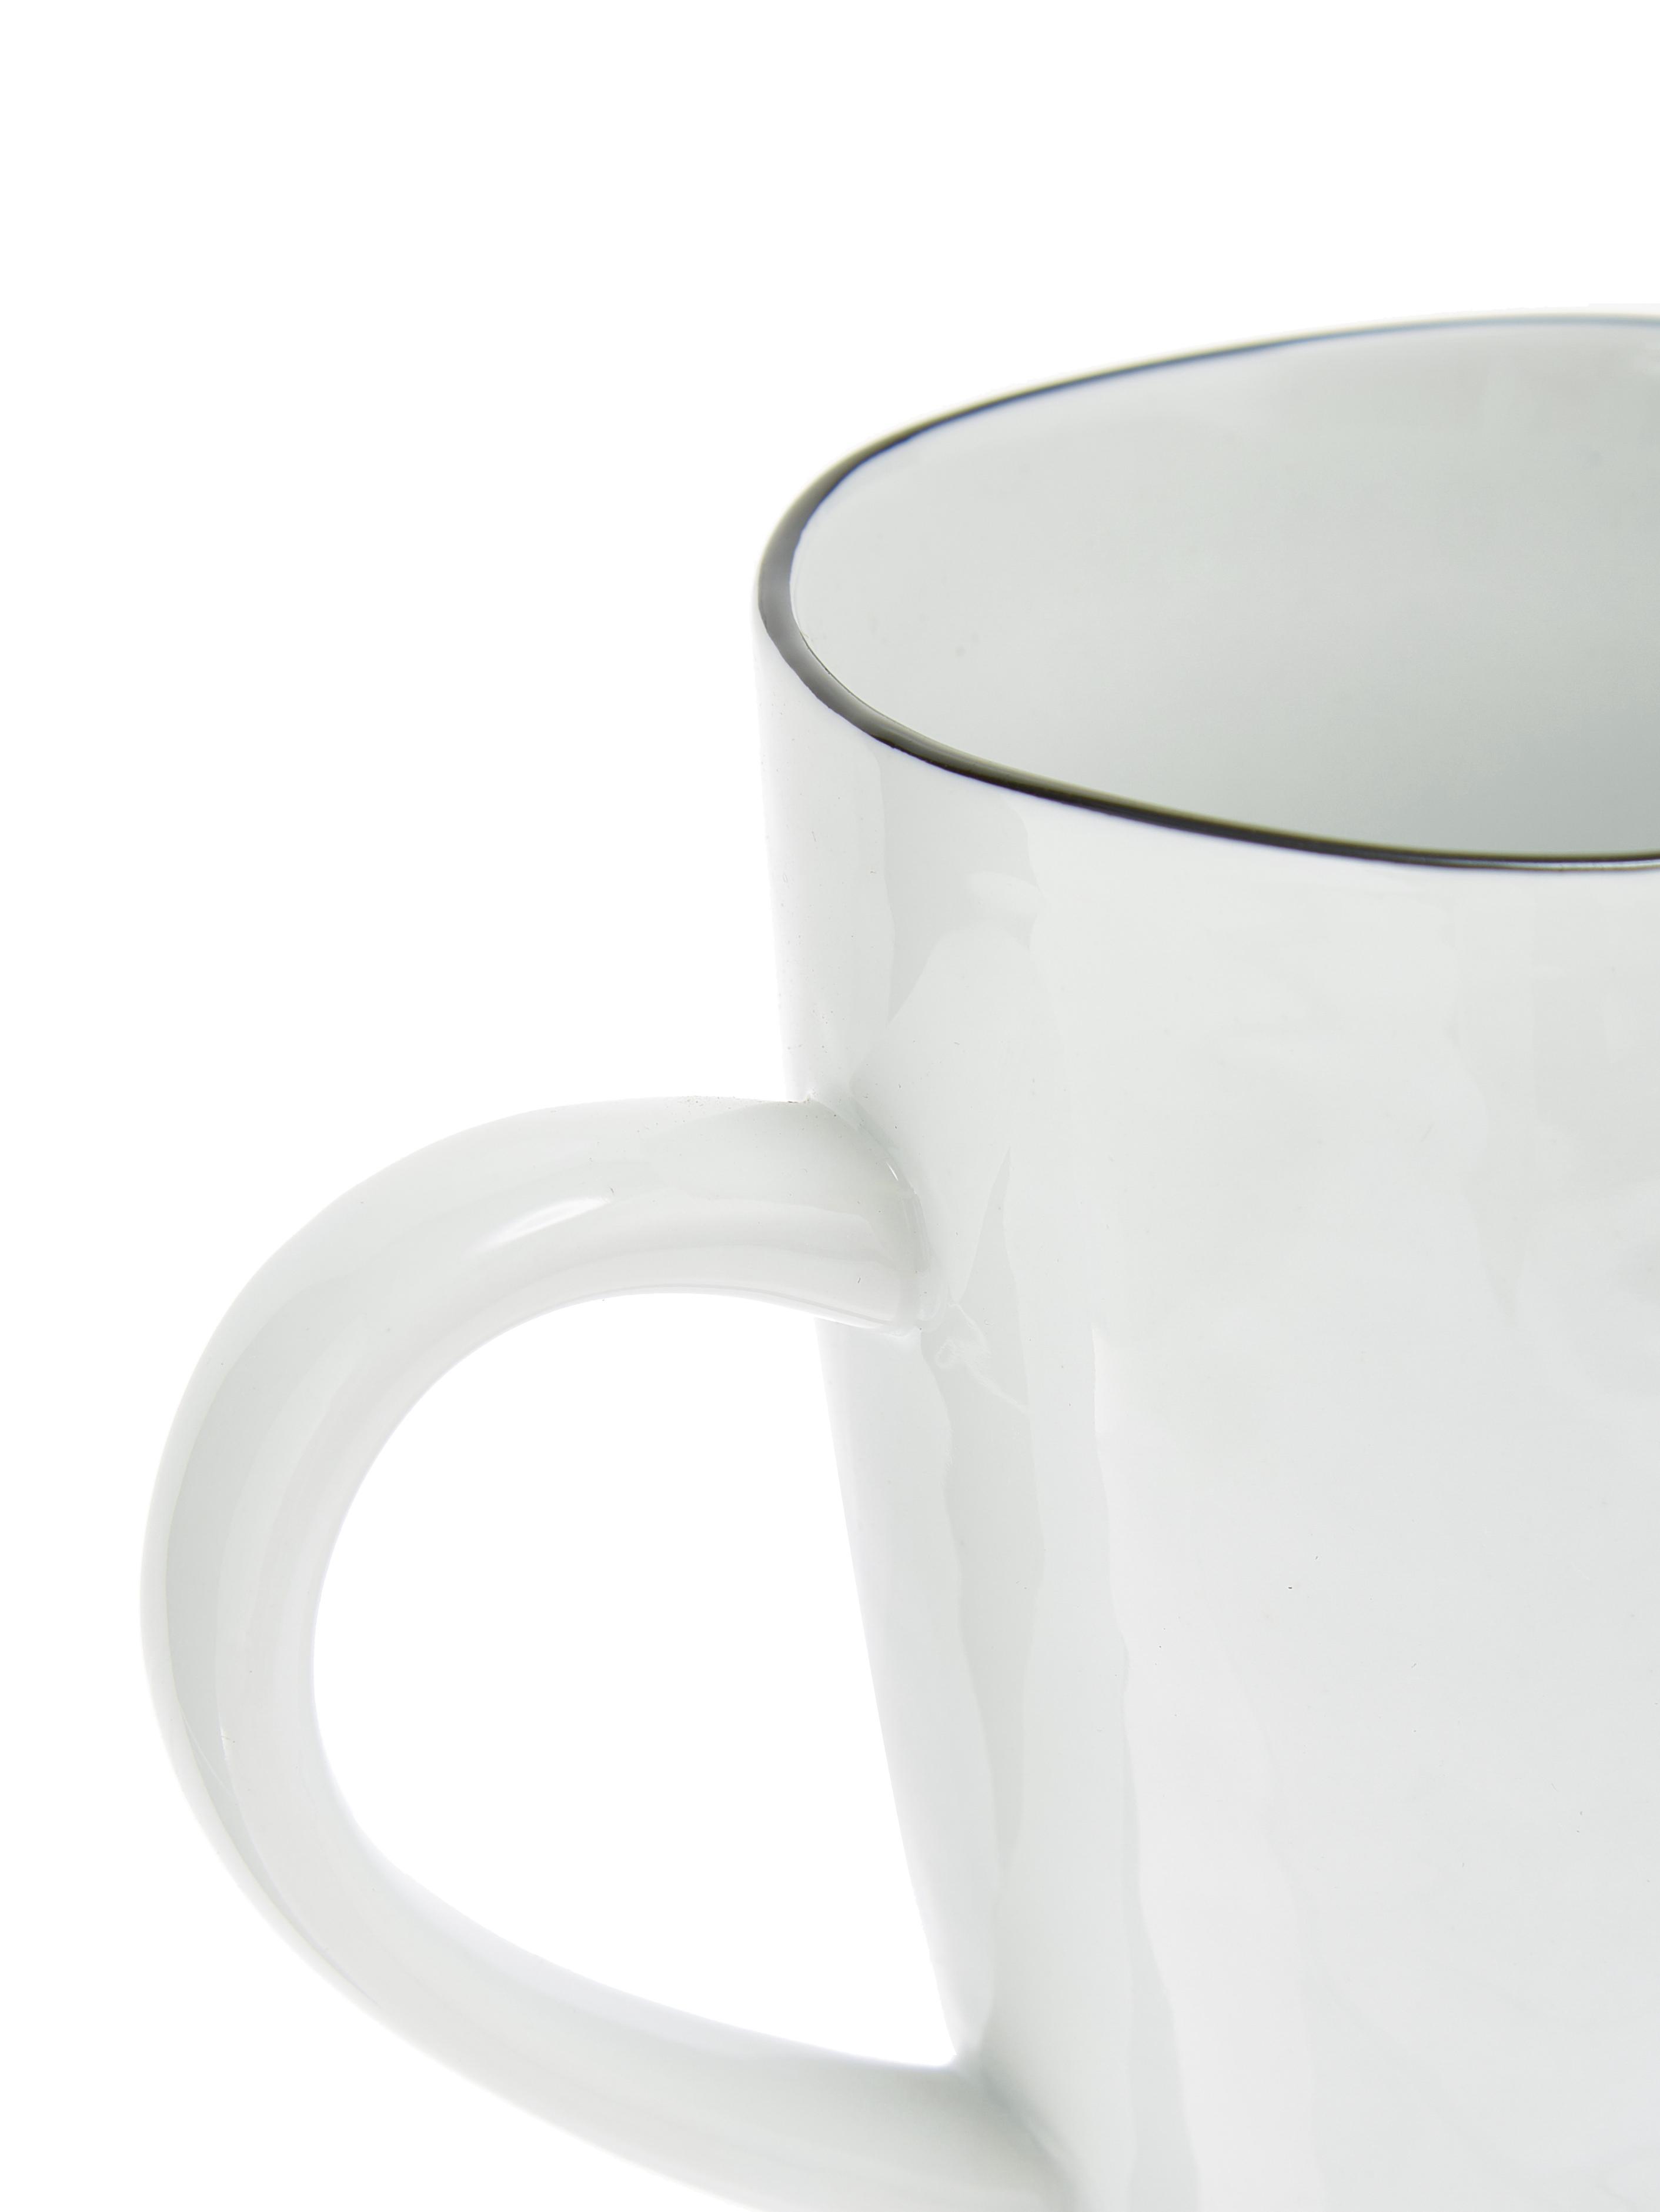 Handgemachte Tassen Salt mit schwarzem Rand, 6 Stück, Porzellan, Gebrochenes Weiß, Schwarz, Ø 8 x H 12 cm